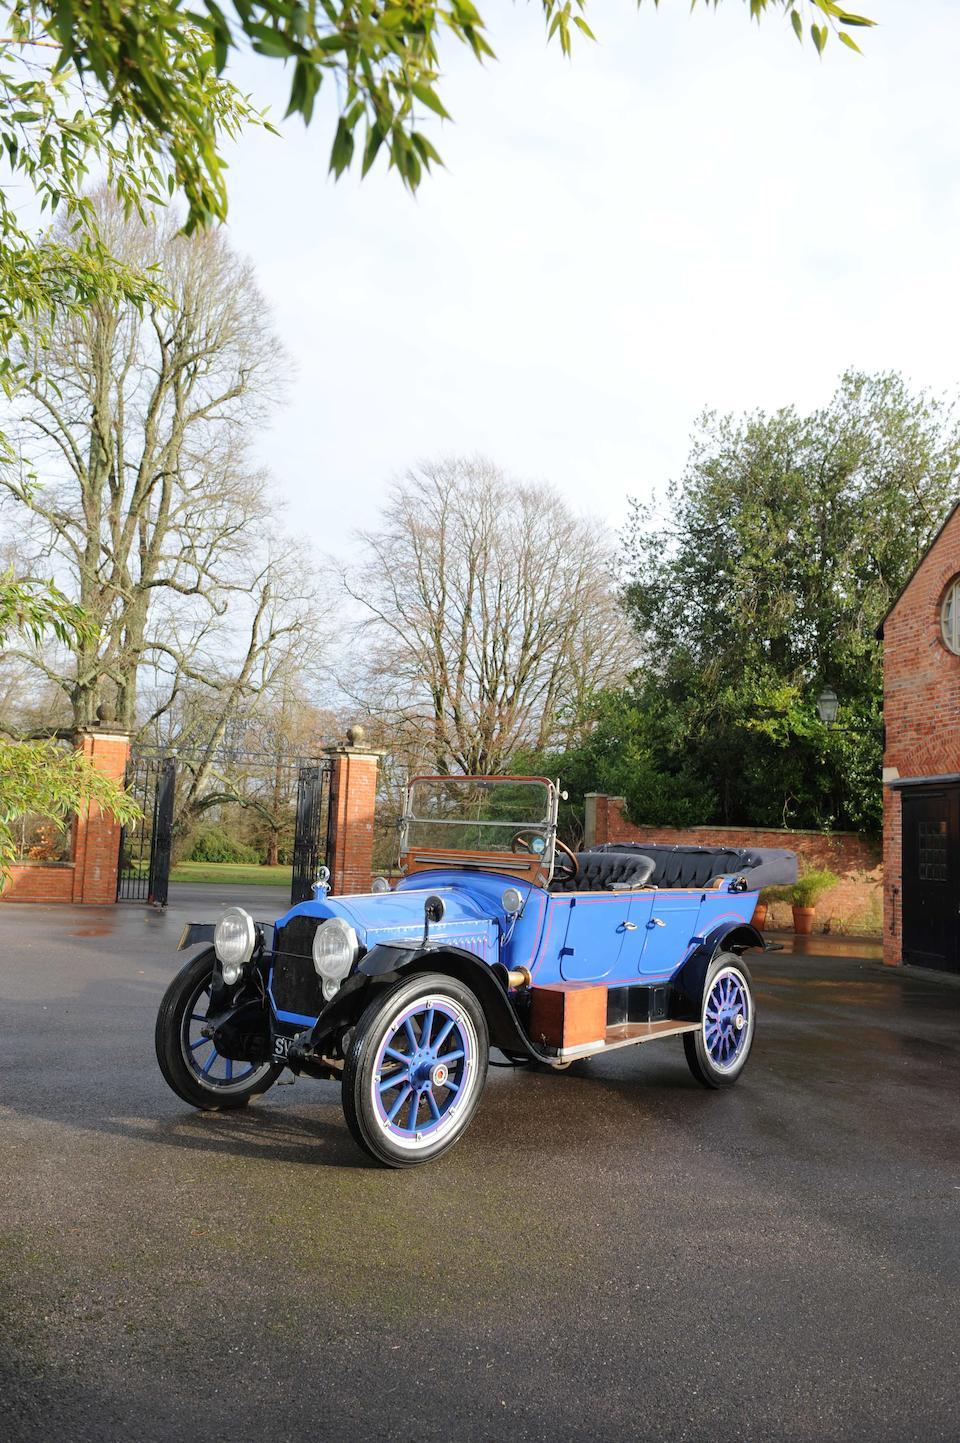 Autrefois dans la collection William Harrah,1916 Packard Model 1-25 Twin Six Touring cinq places  Chassis no. 84230